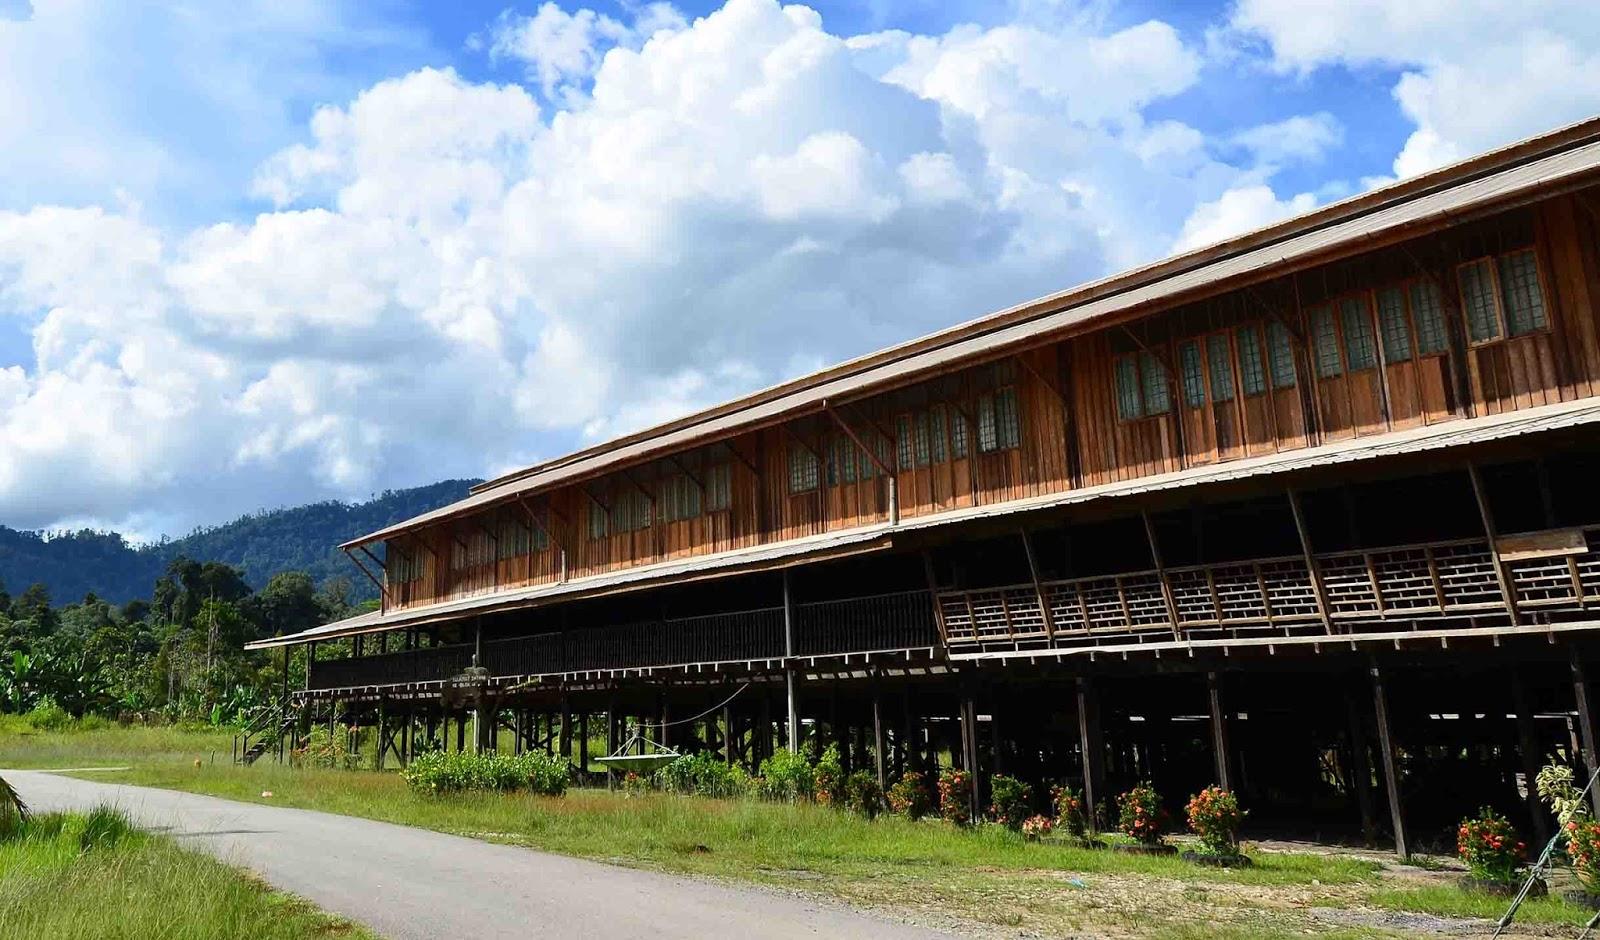 Rumah Panjang, Rumah Adat Suku Dayak Kalimantan